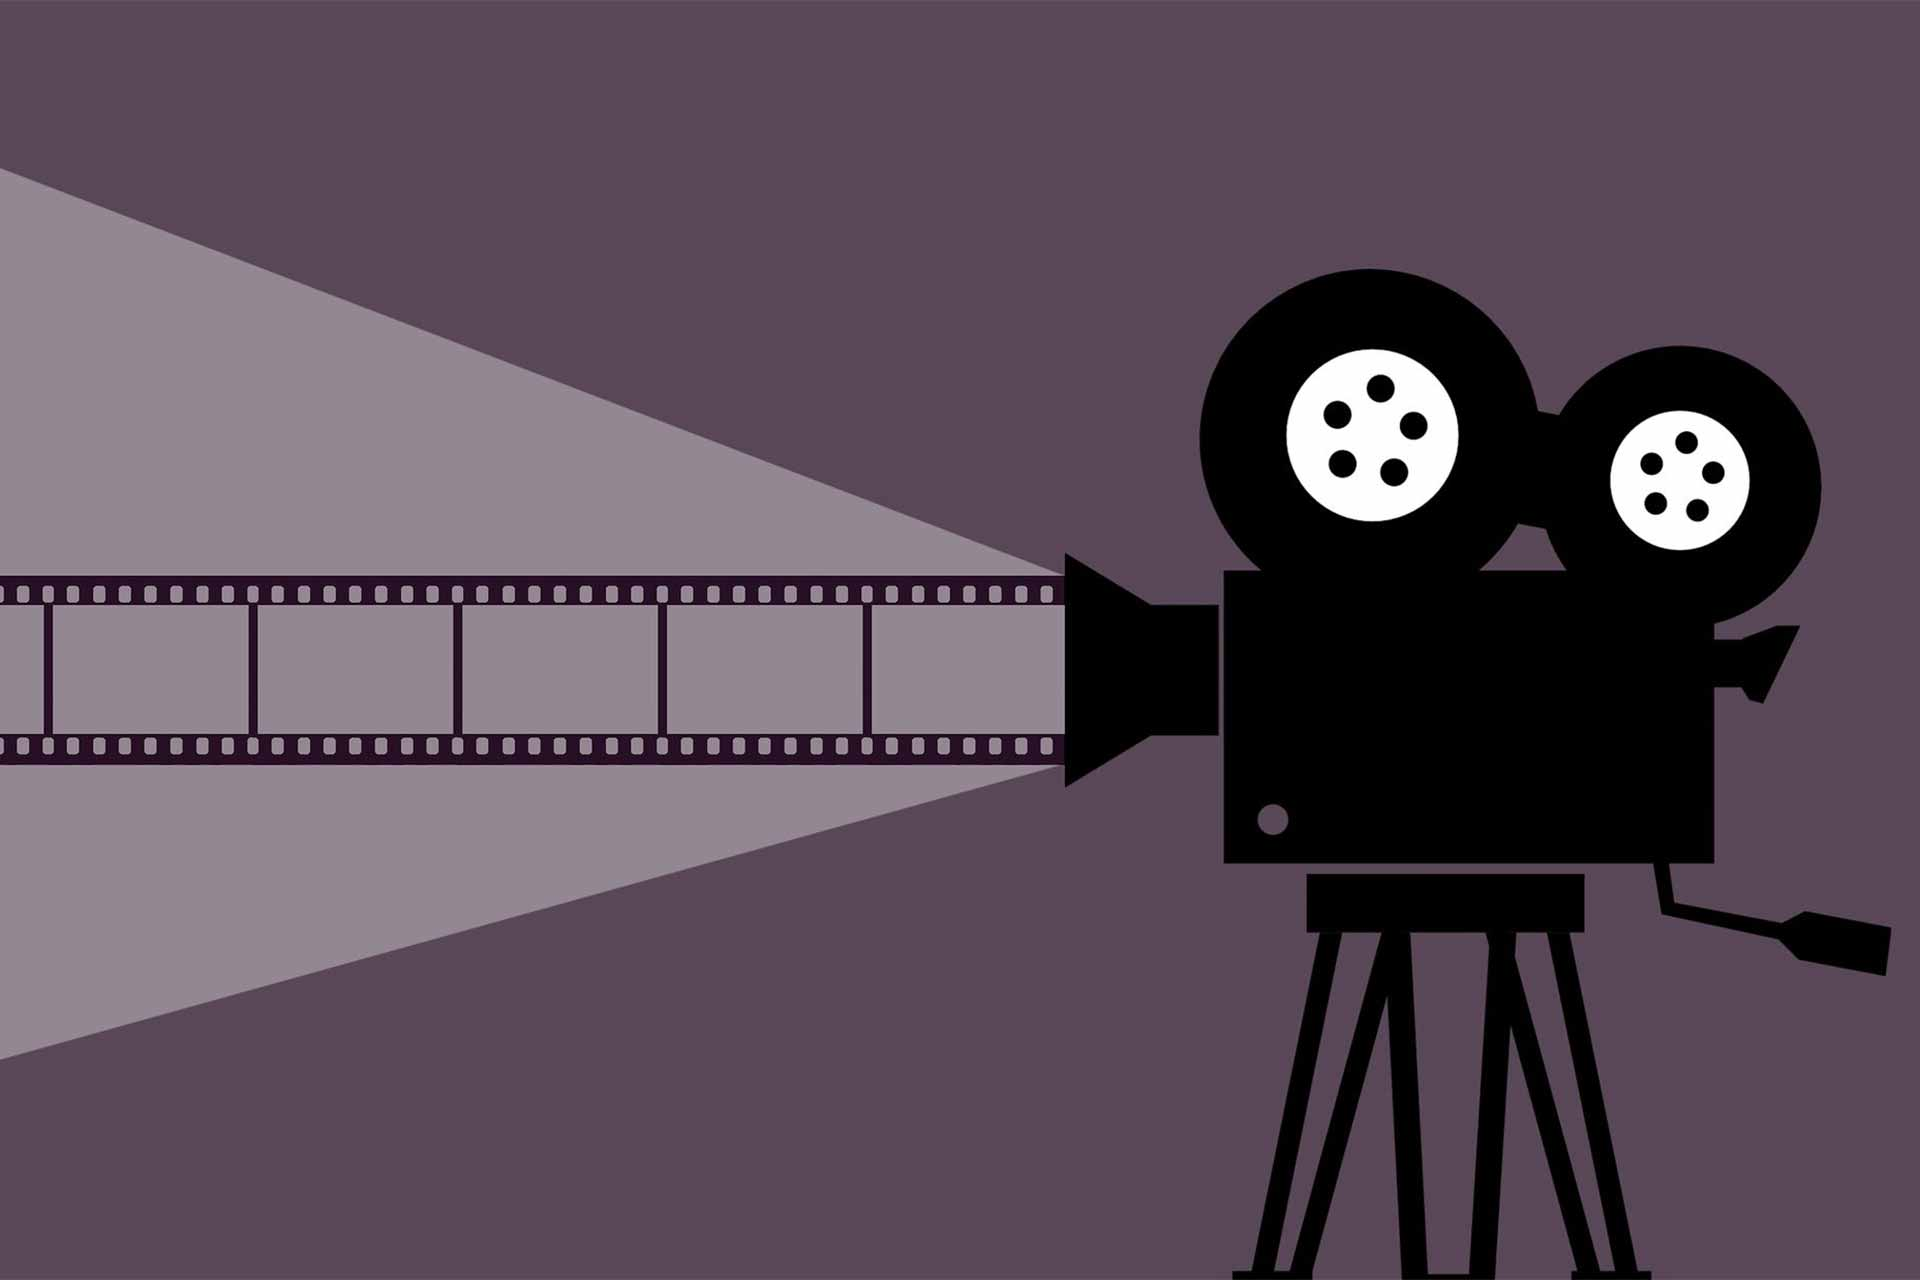 映写機のイラスト